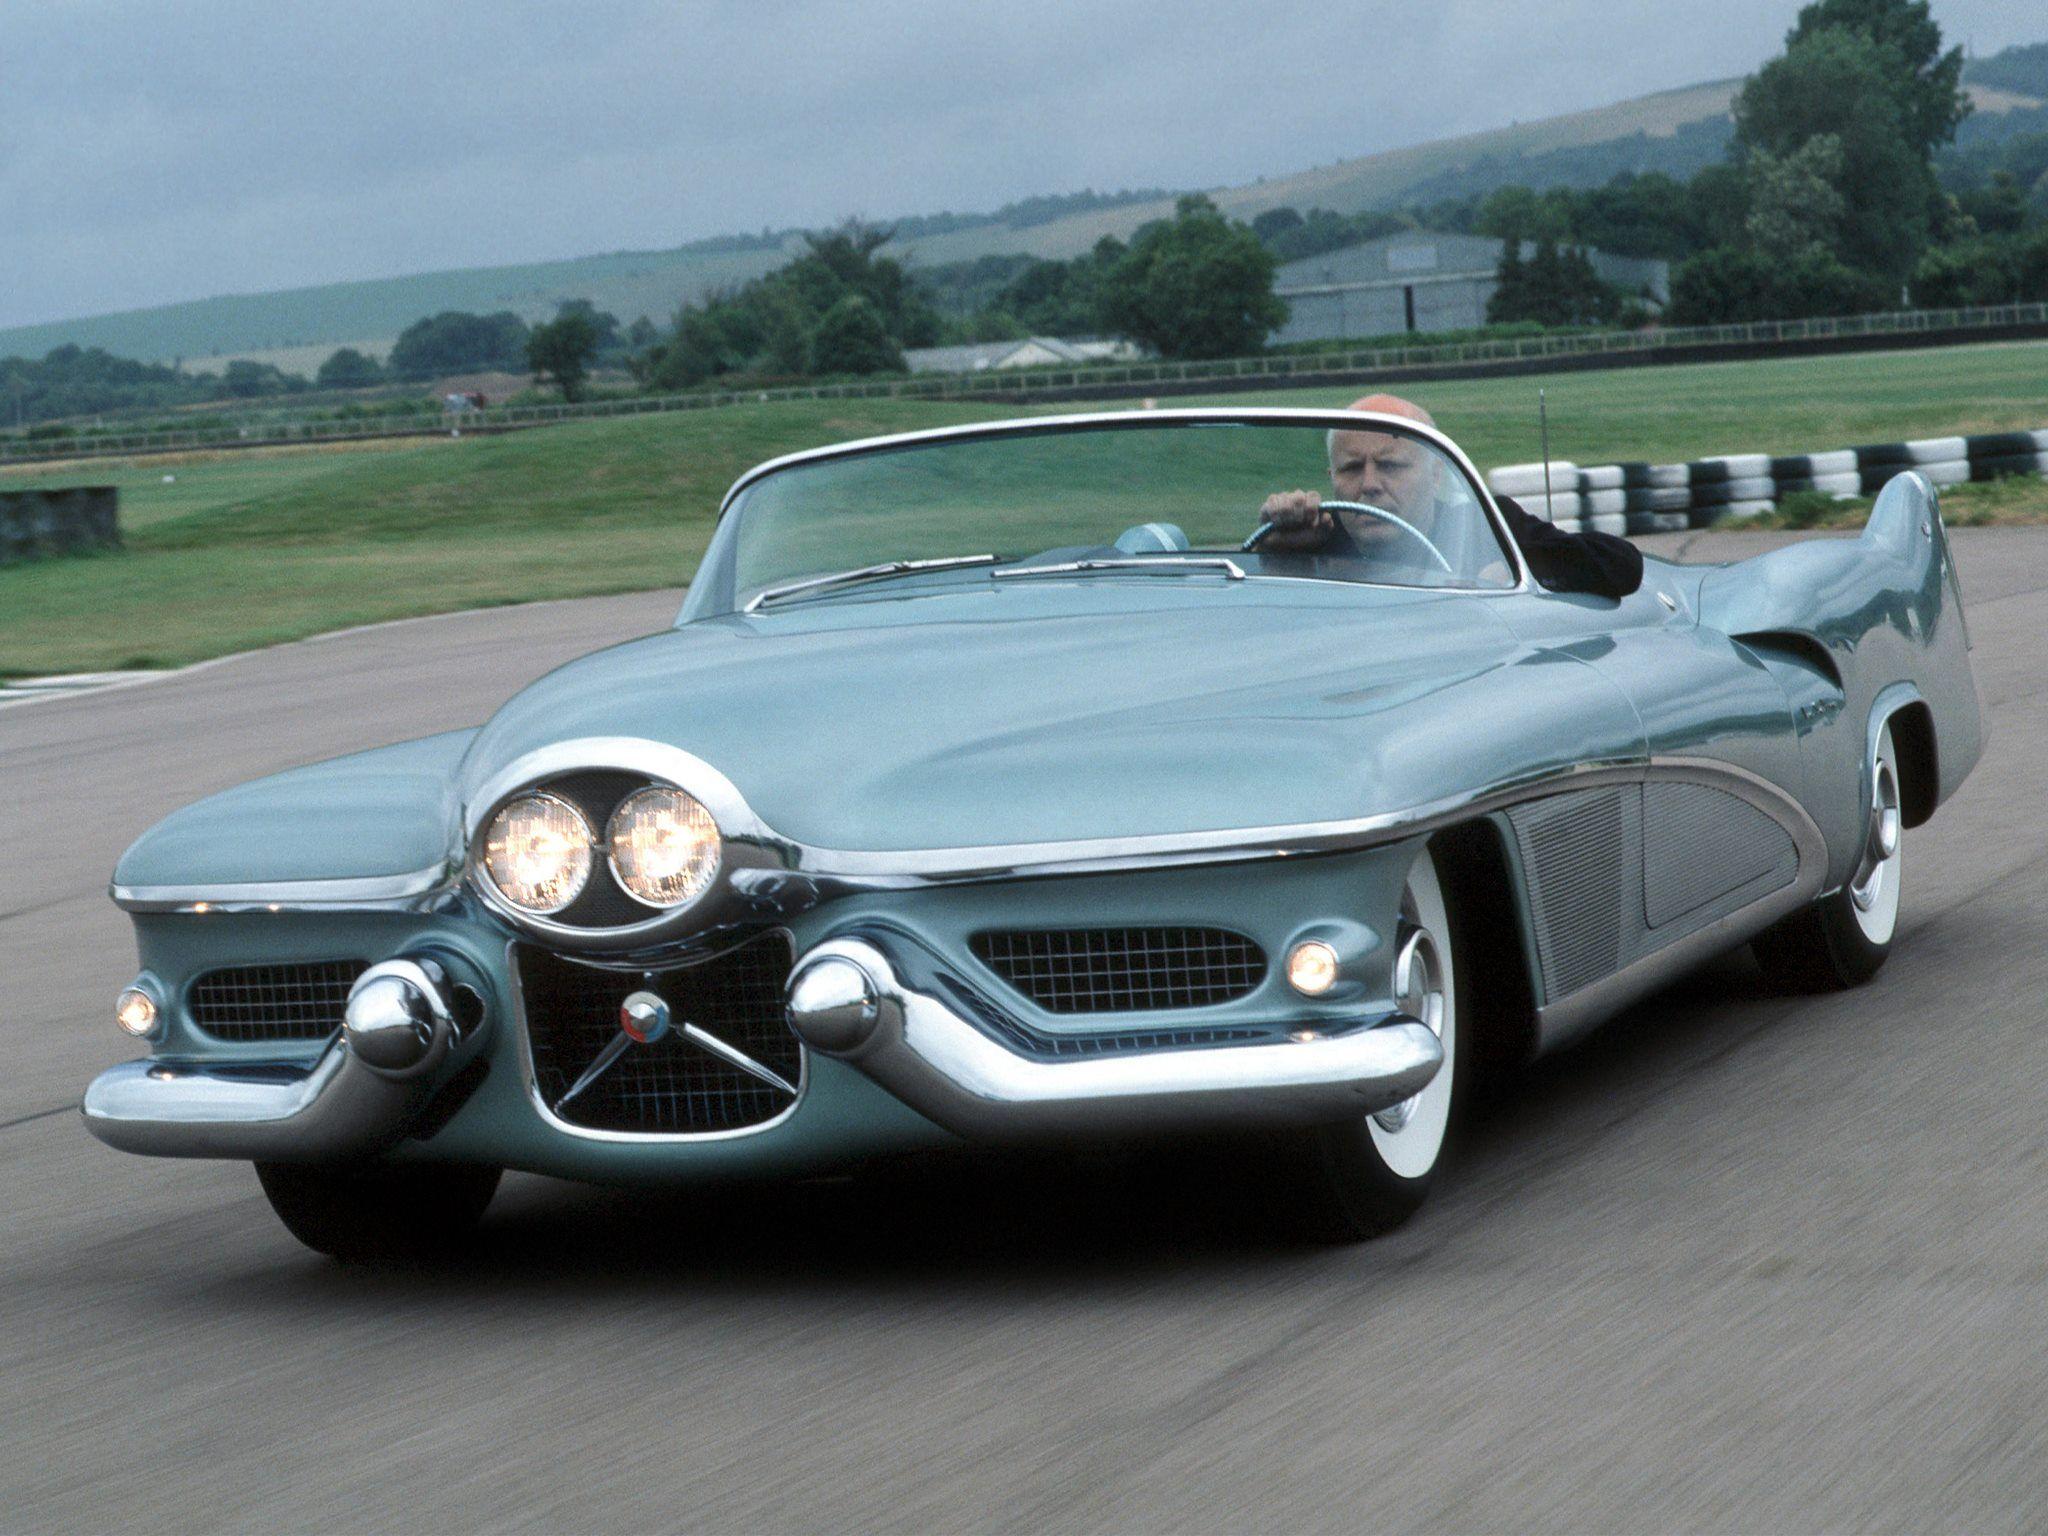 Buick lesabre concept car